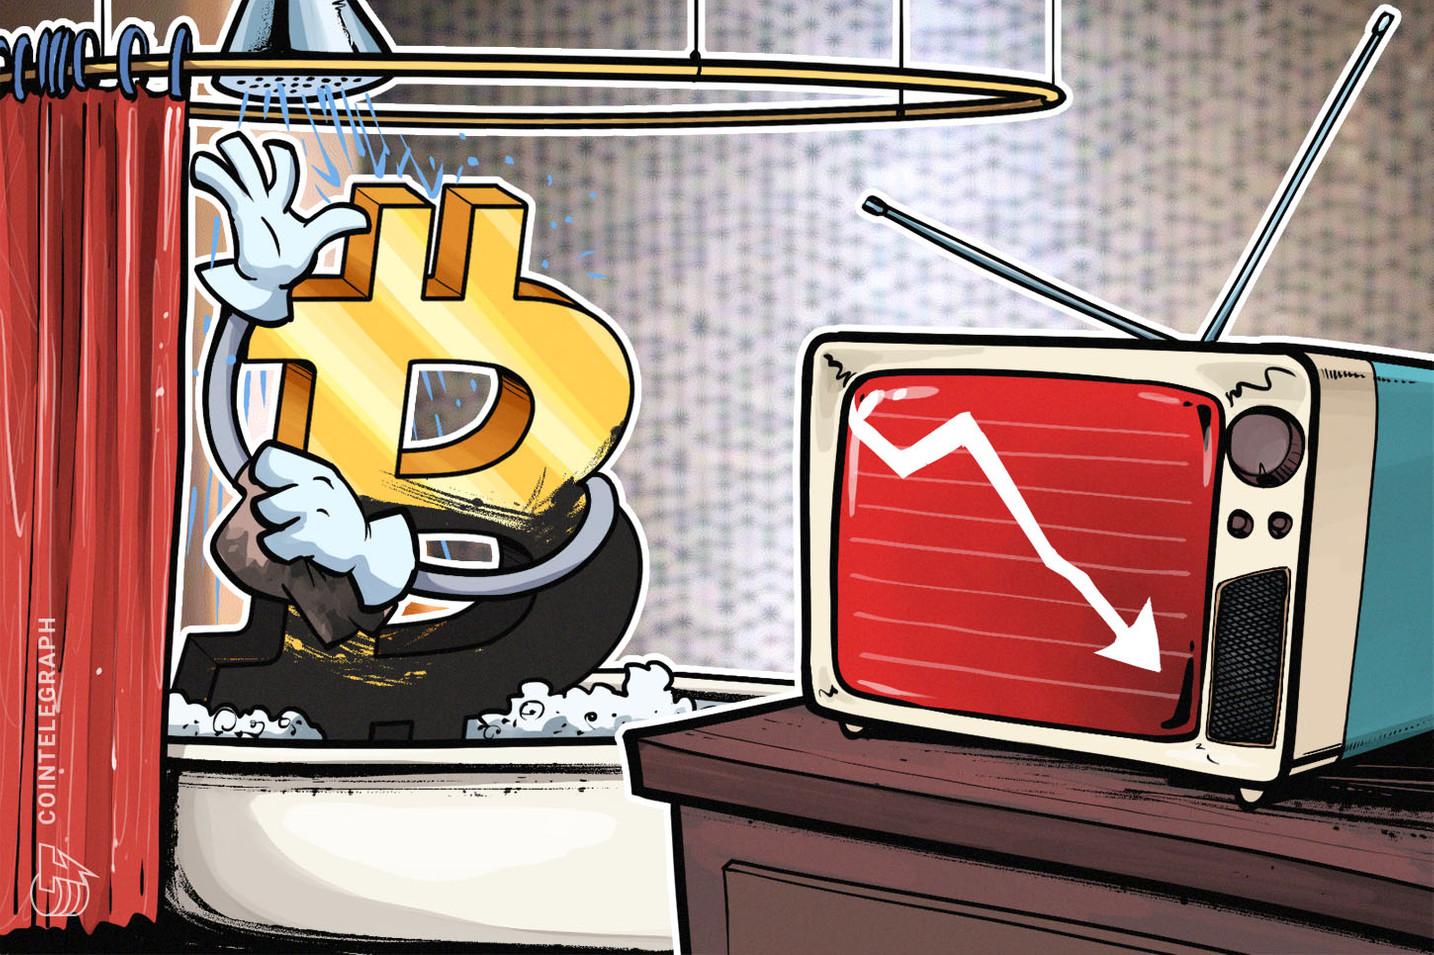 El precio de Bitcoin cae por debajo de USD 9,200 después del rechazo de la resistencia en USD 9,500